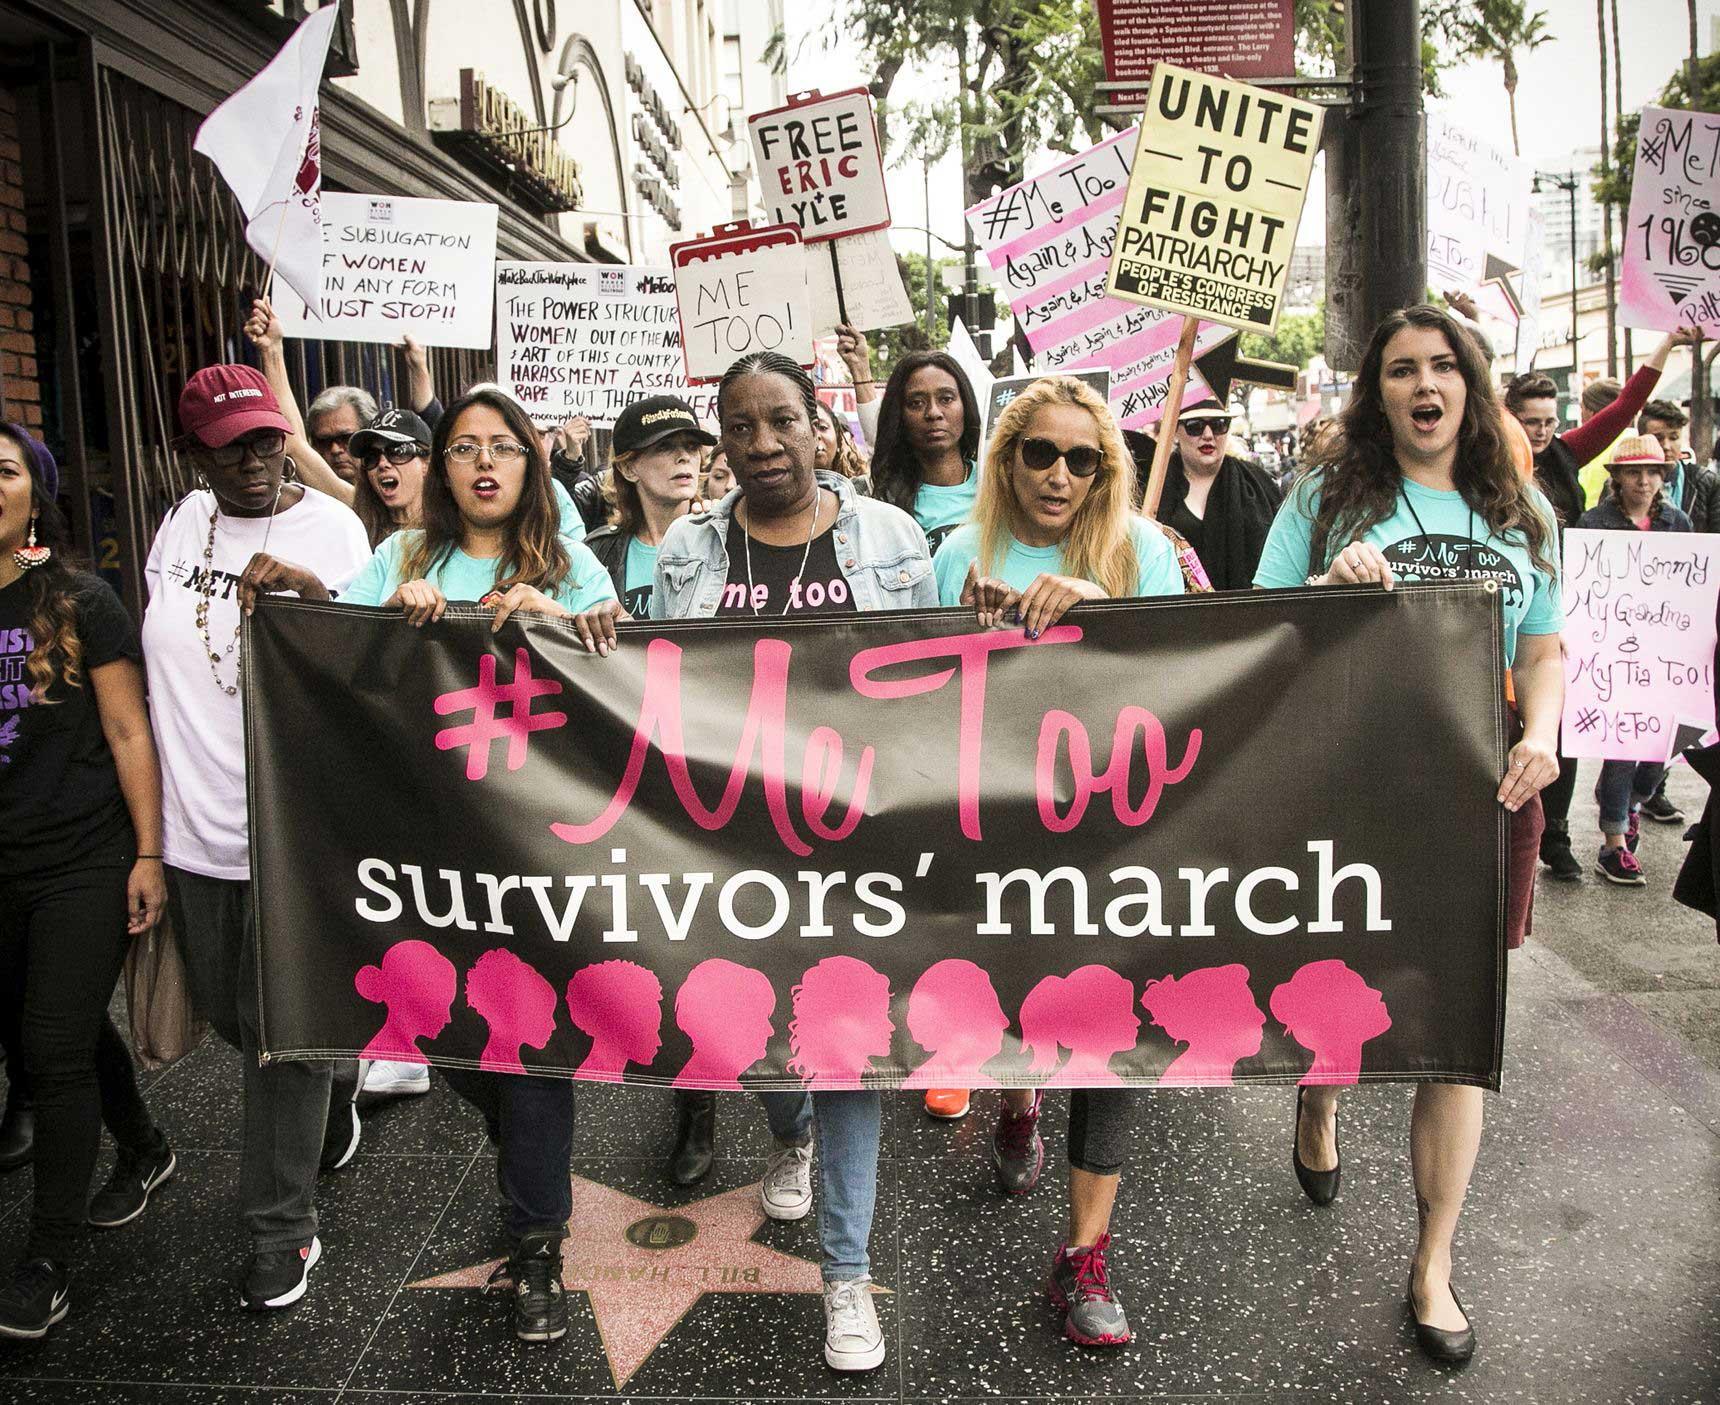 برندا گوتیرز (نفر سوم از سمت چپ) و تارانا بورک (نفر وسط) راهپیمایی «بازپسگیری محیط کار» و راهپیمایی و گردهمایی «نجاتیافتگان میتو» را در روز 12 نوامبر 2017، در بورلی هیلز کالیفرنیا، رهبری میکنند